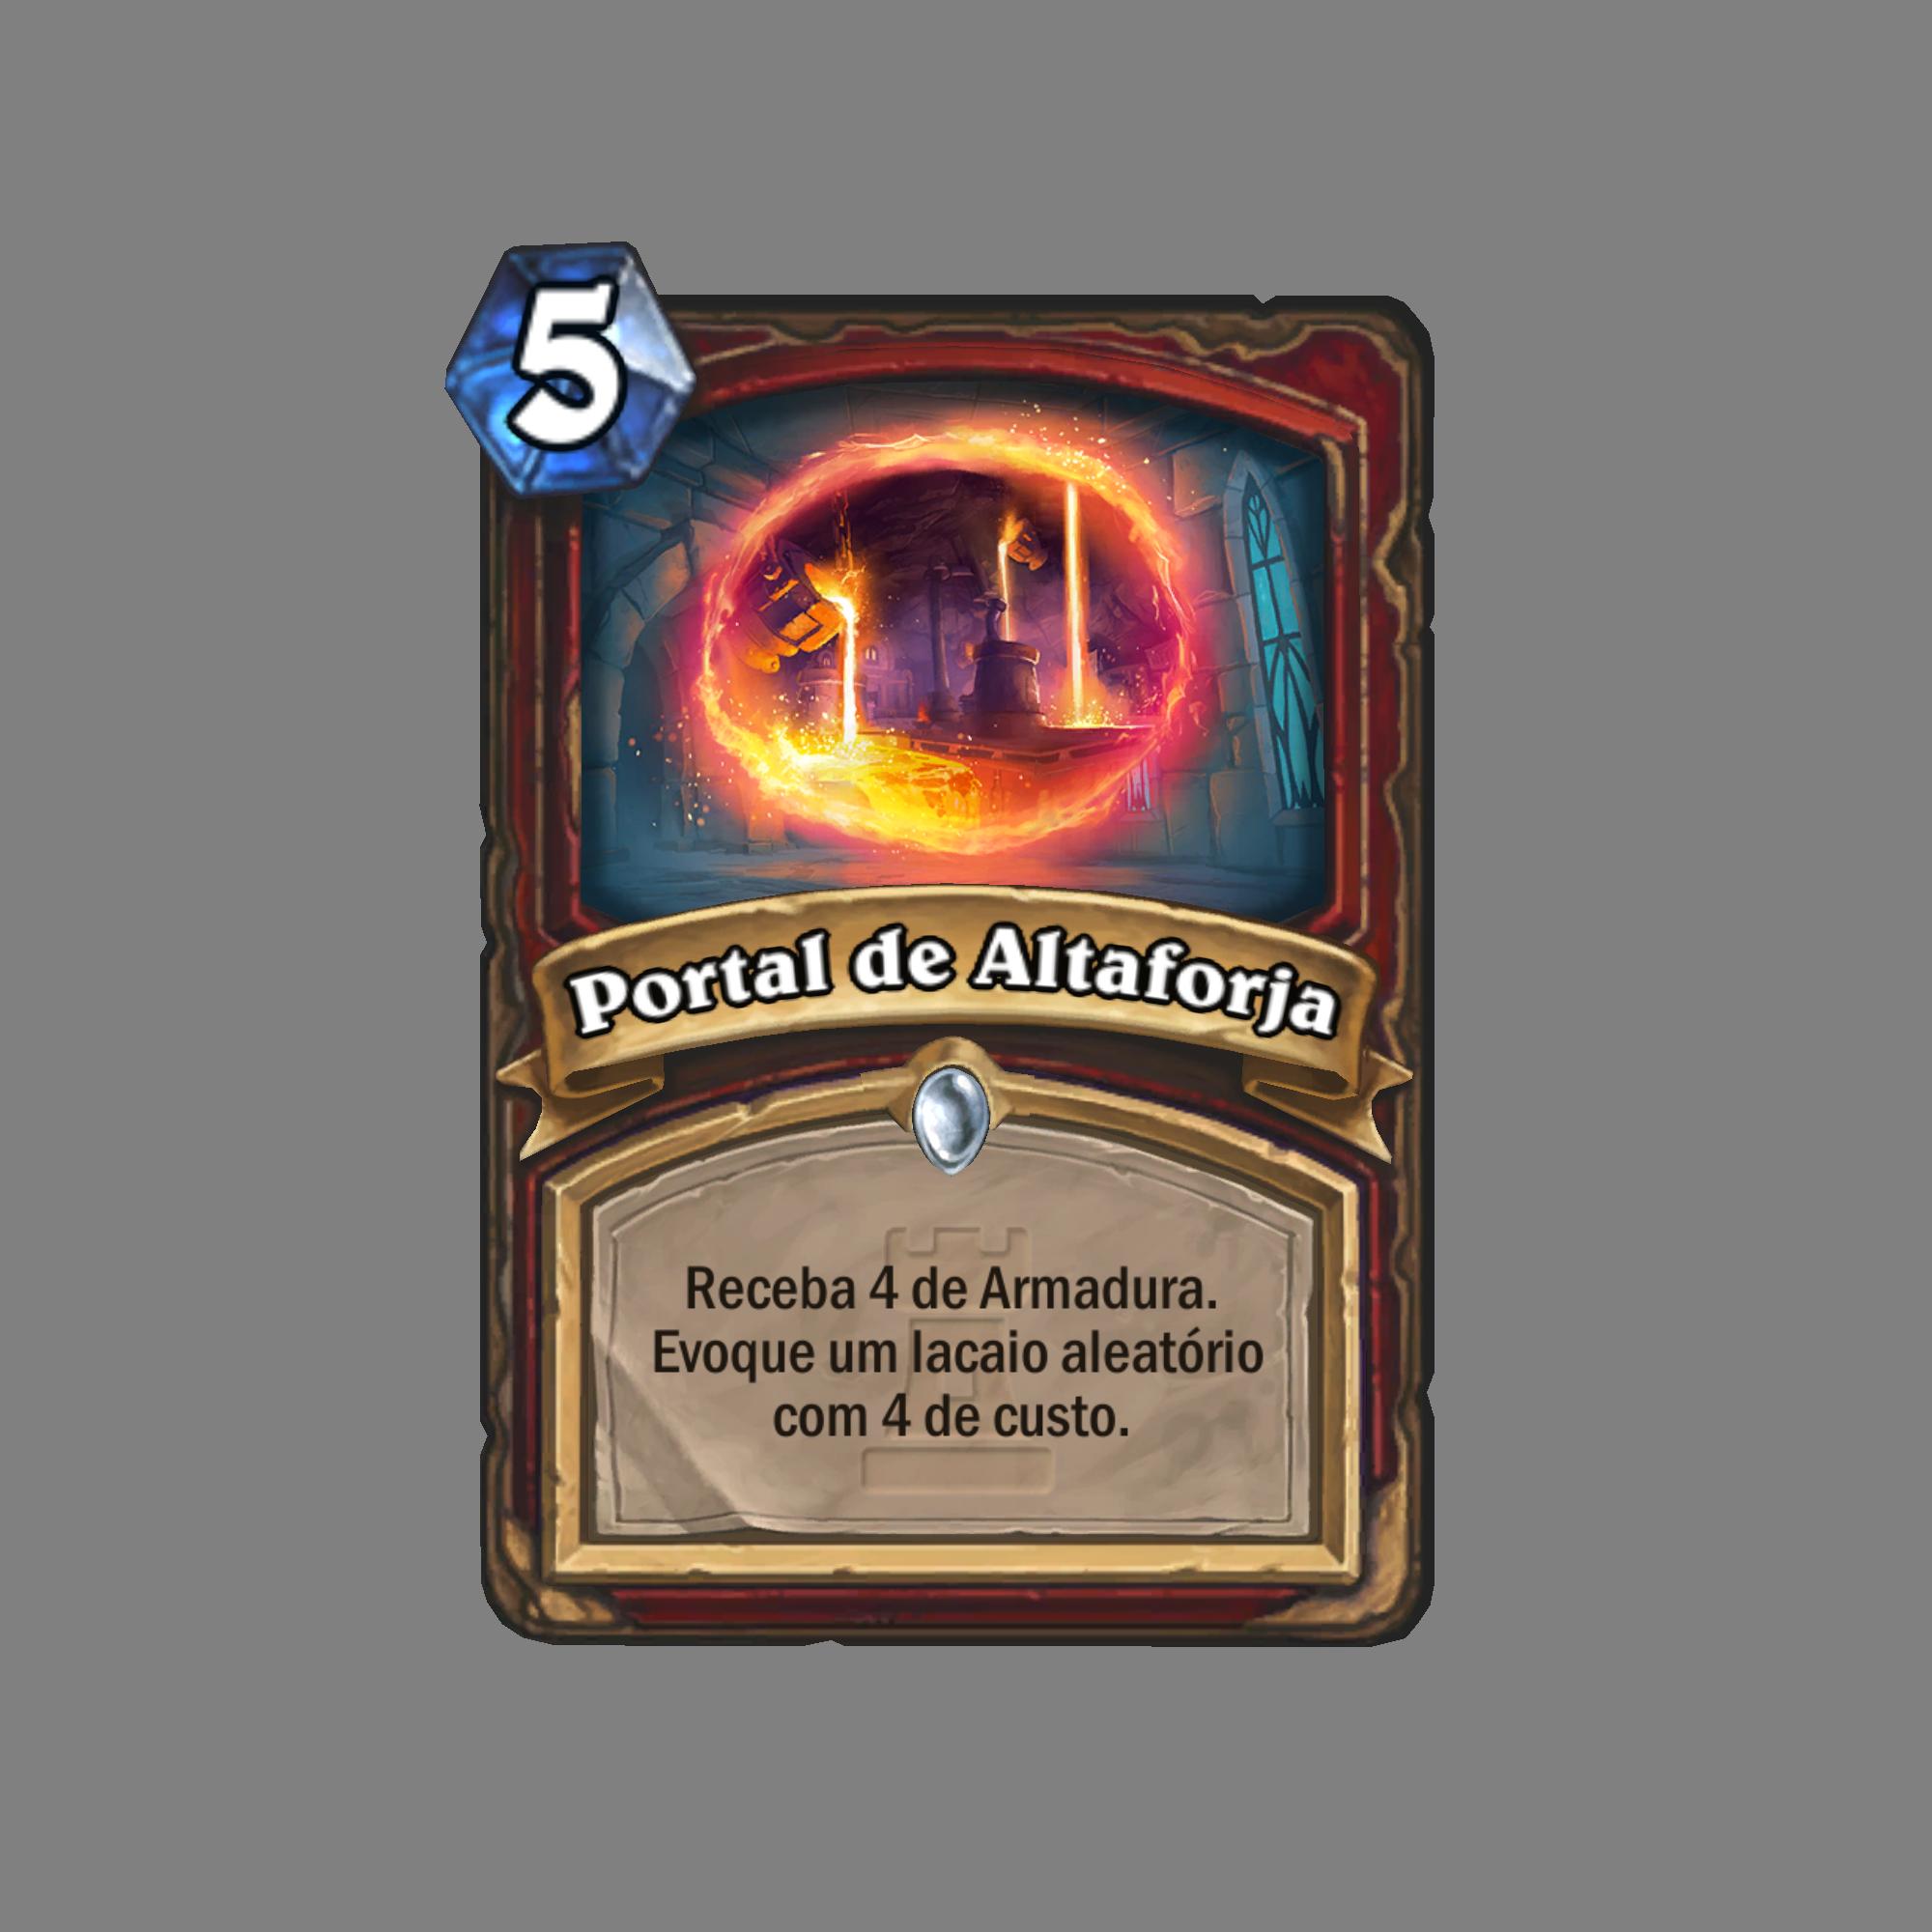 PortaldeAltaforja